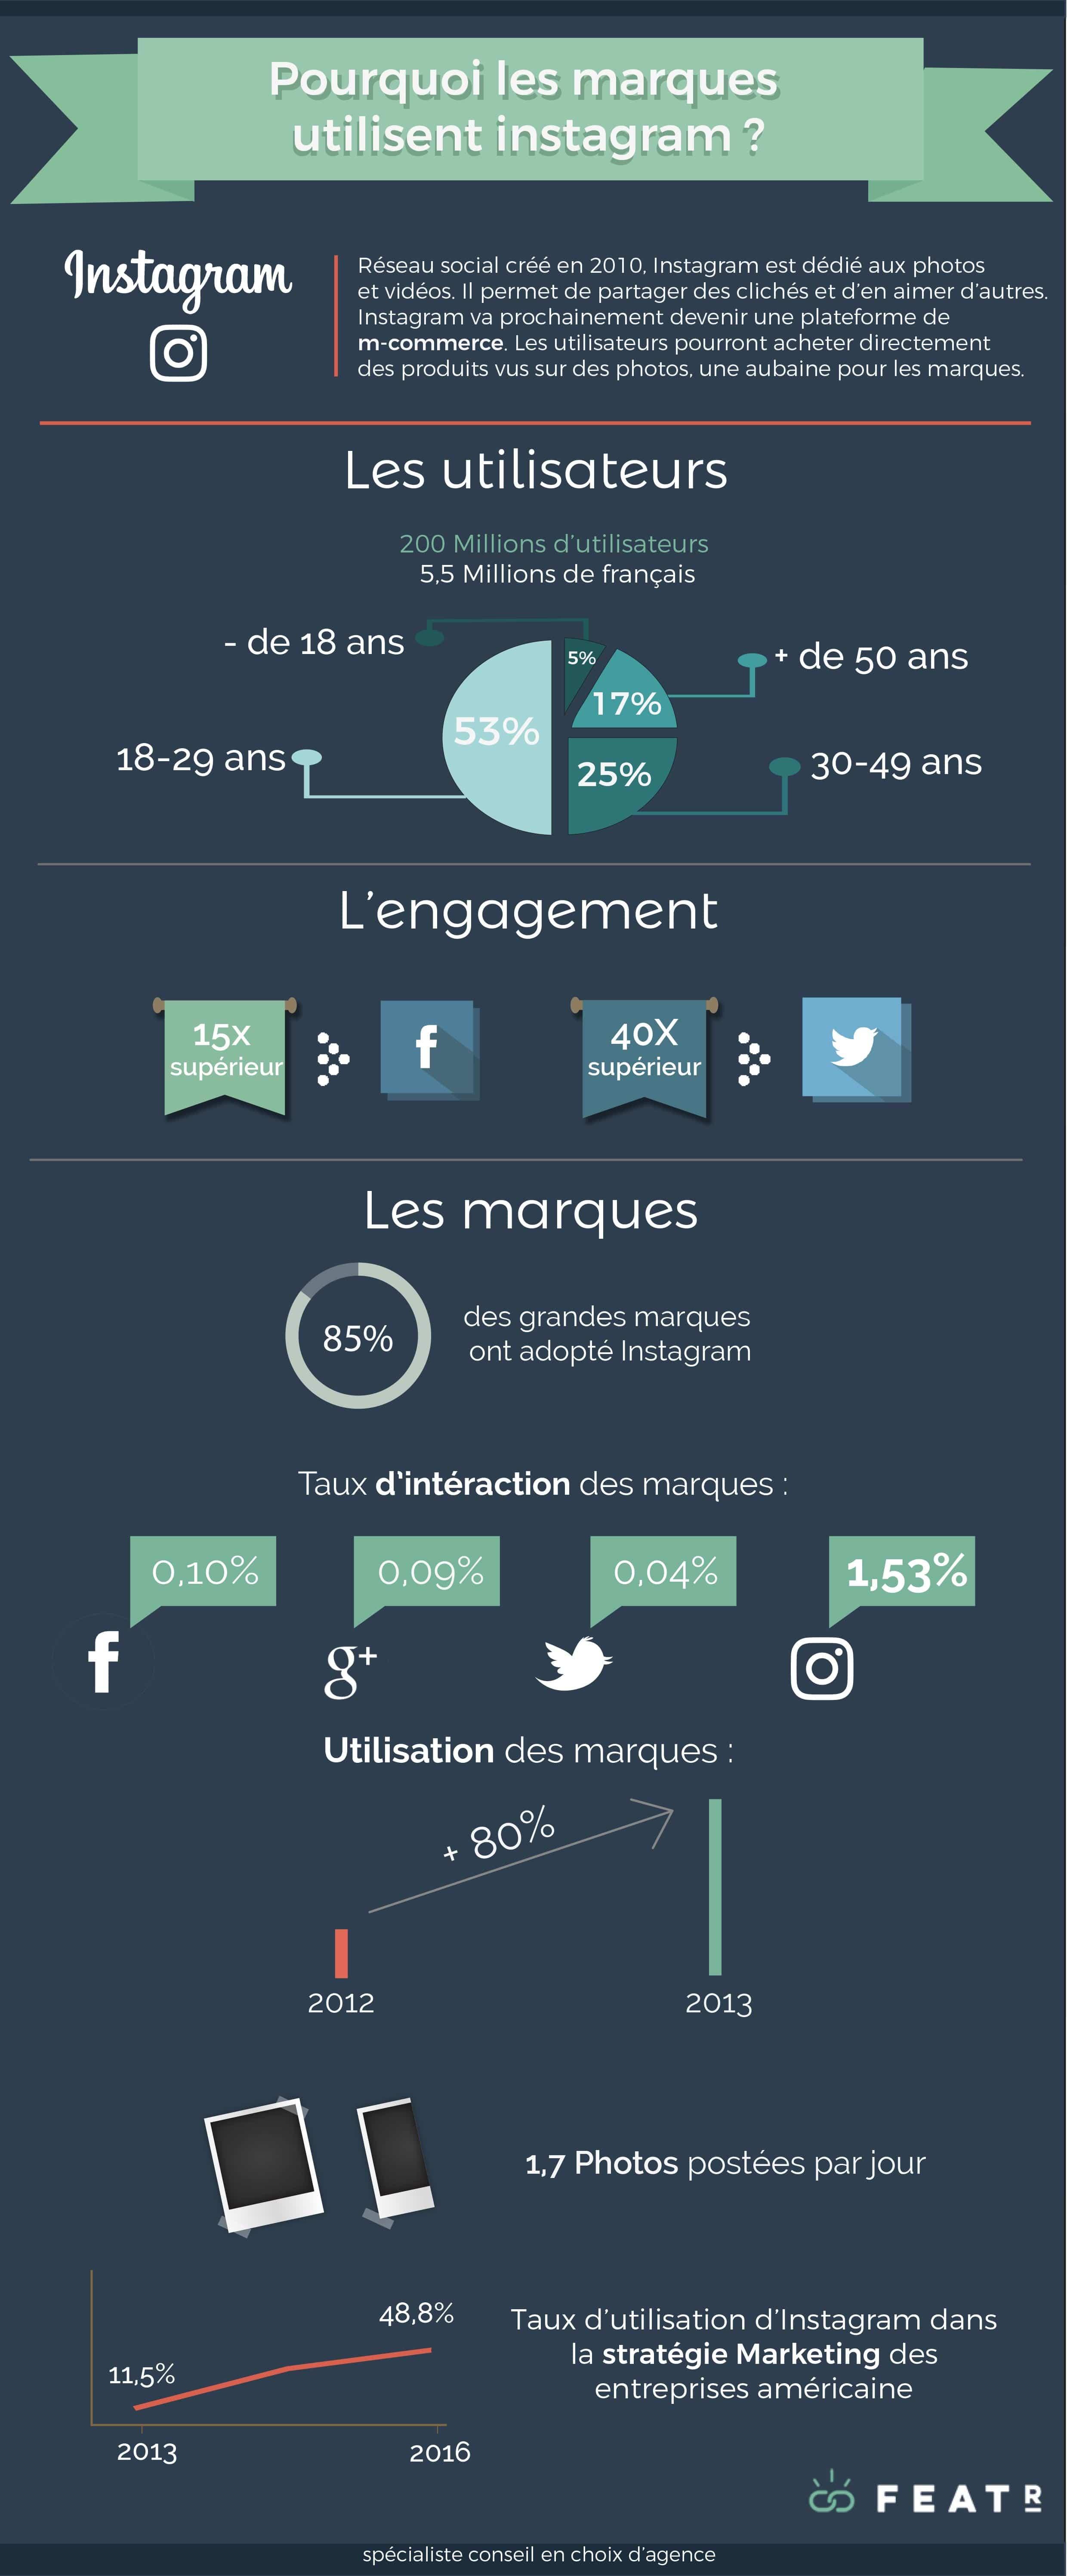 Infographie instagram marques 2016 - Infographie : pourquoi les marques utilisent-elles Instagram ?